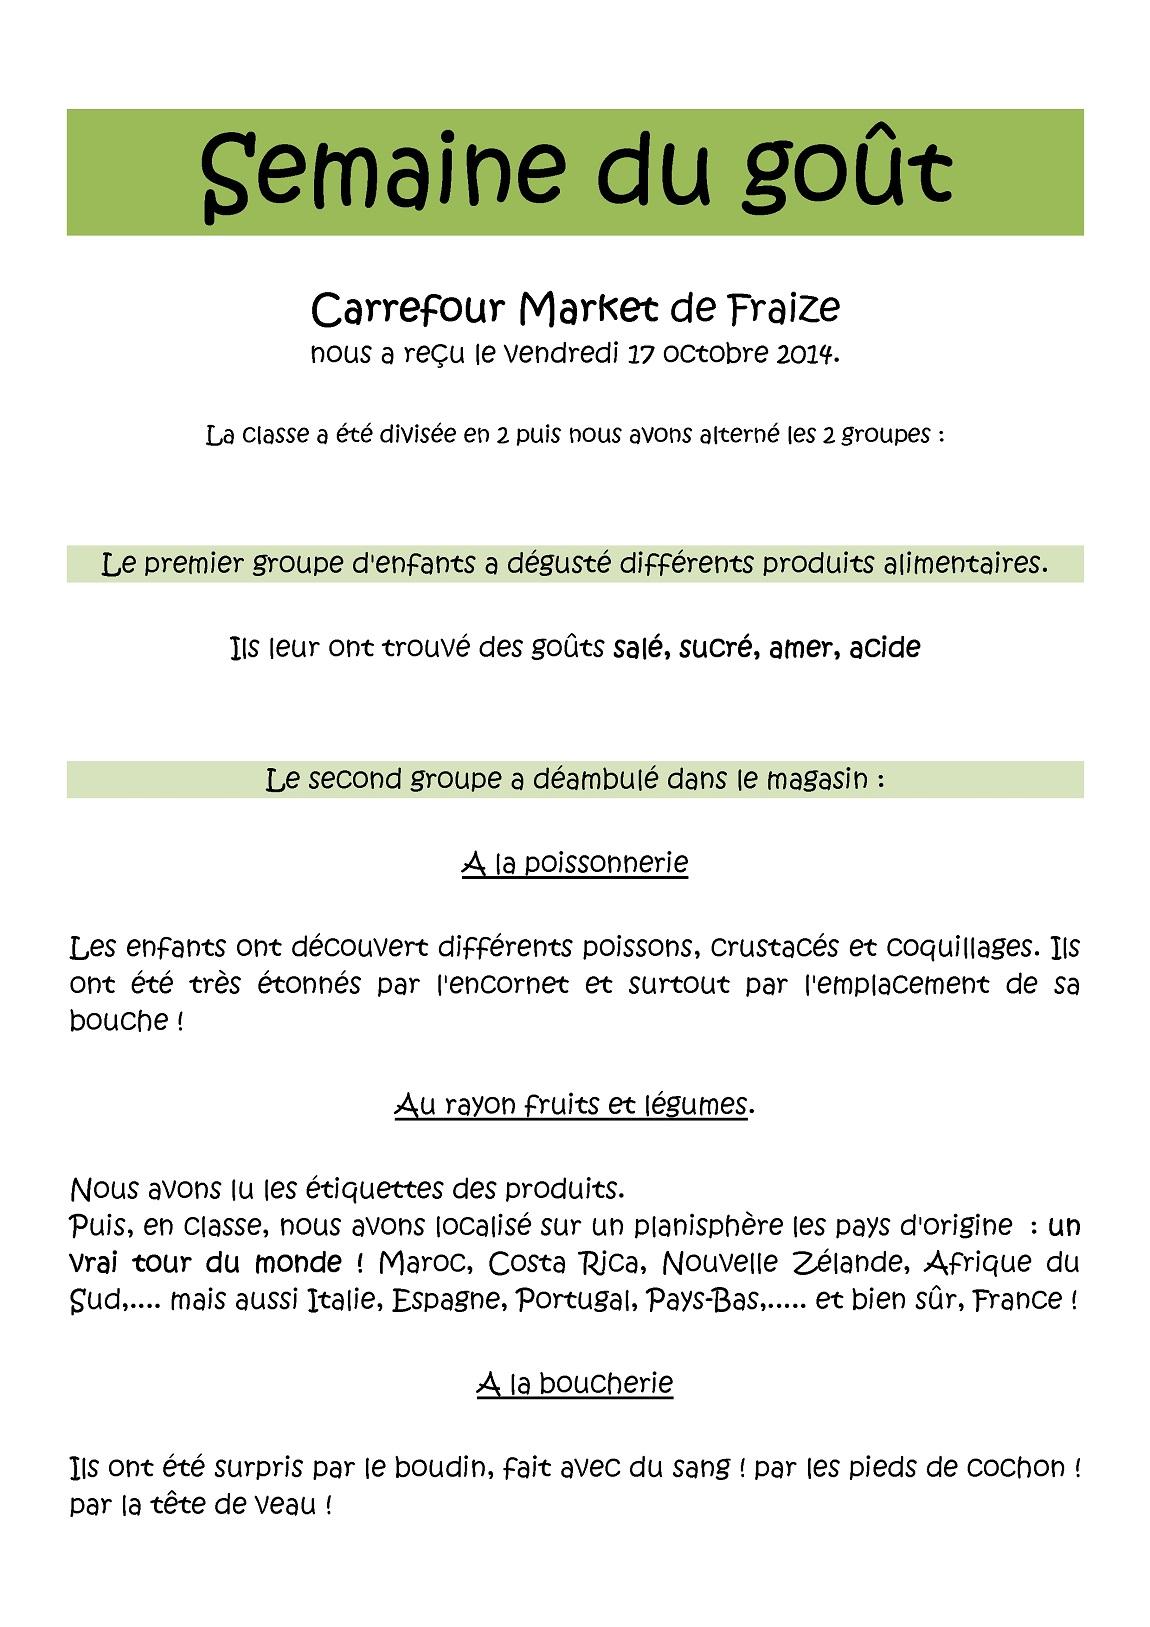 Le Site De L Ecole Elementaire De Fraize Annee 2014 2015 Semaine